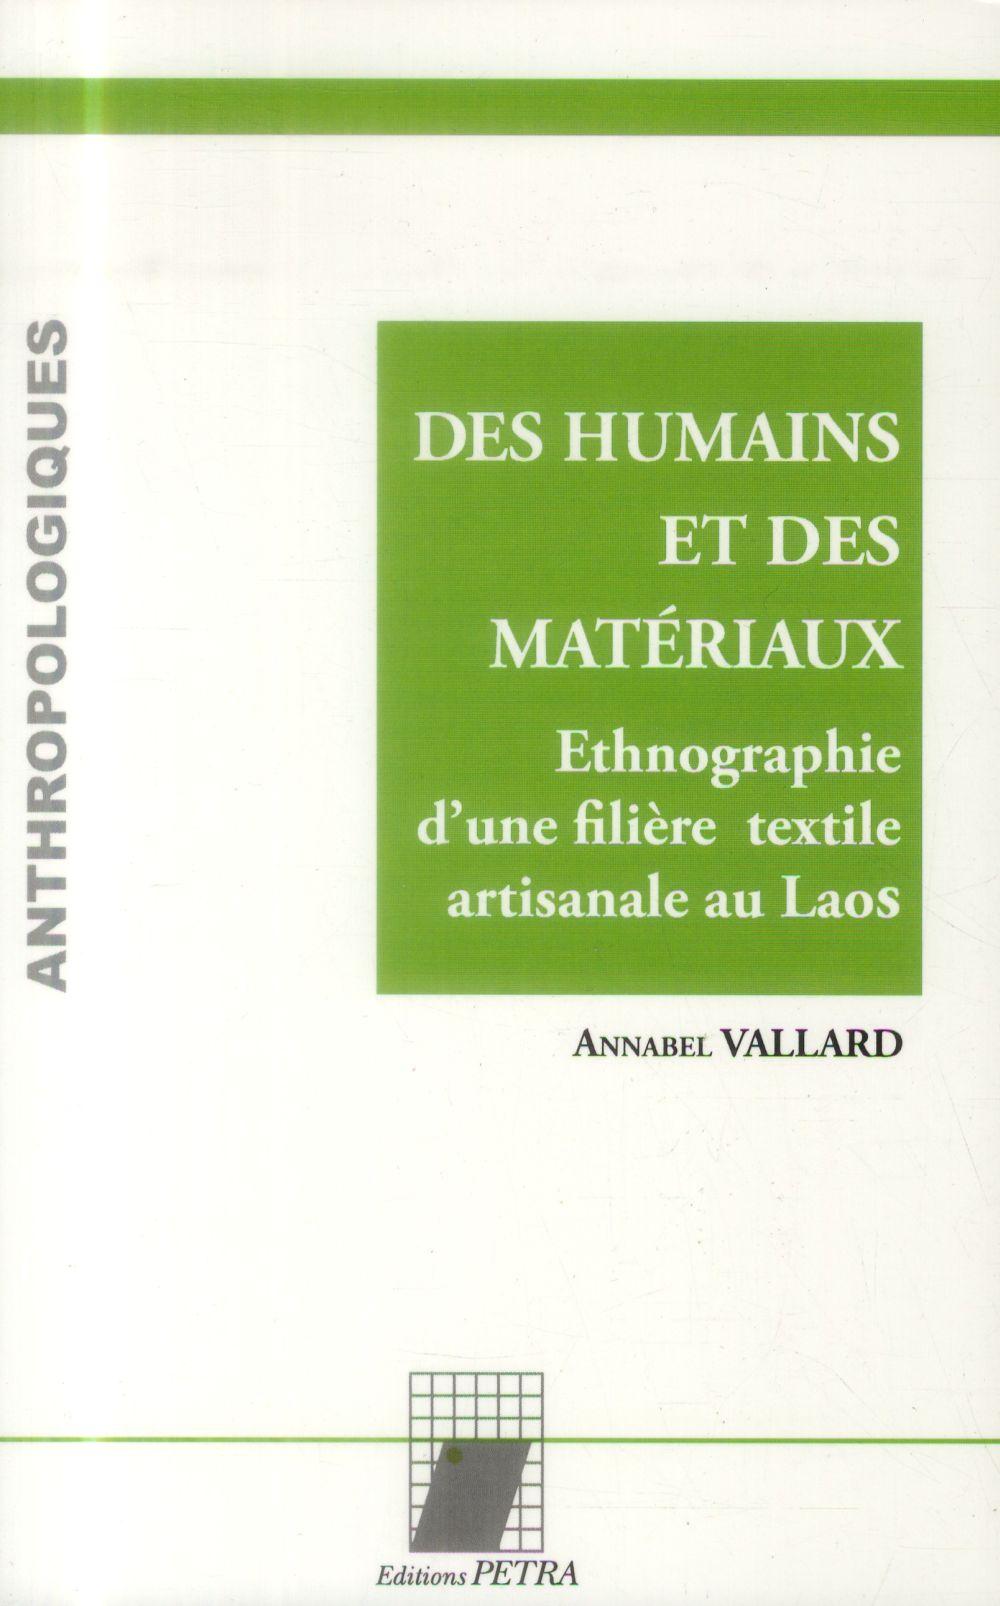 DES HUMAINS ET DES MATERIAUX. ETHNOGRAPHIE D'UNE FILIERE TEXTILE ARTISANALE AU LAOS